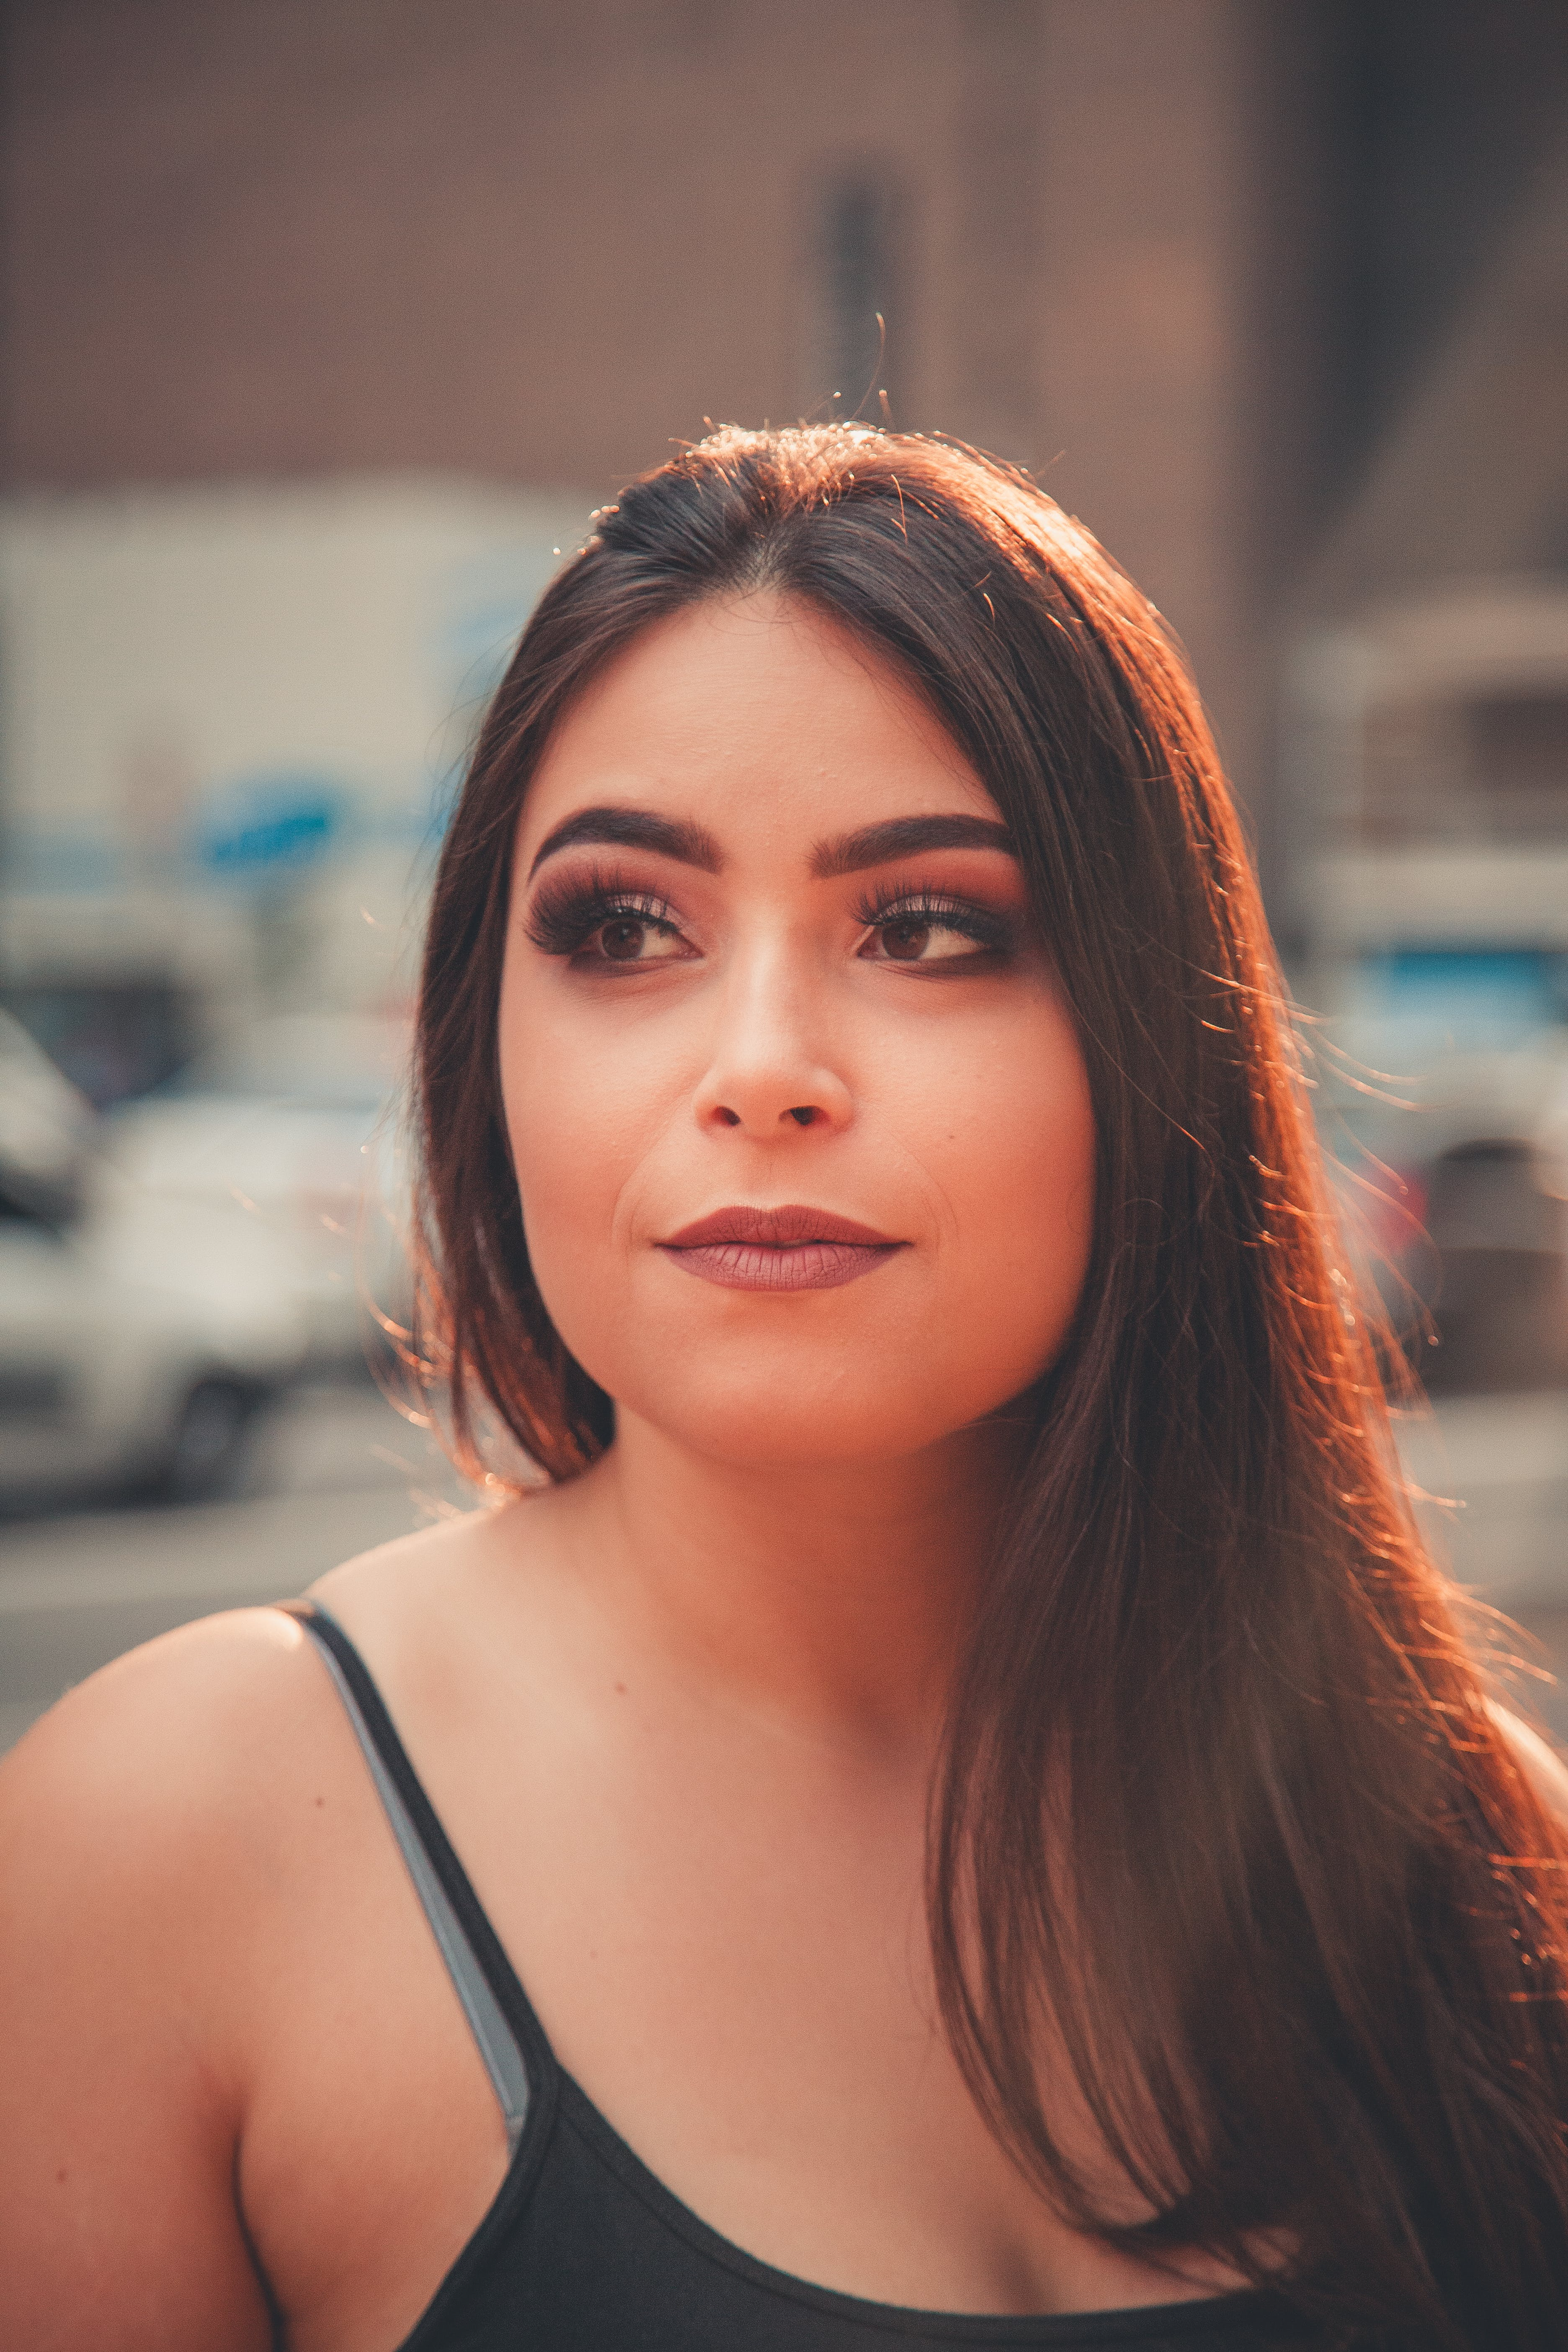 Gratis lagerfoto af ansigt, ansigtsudtryk, brunette, Festival